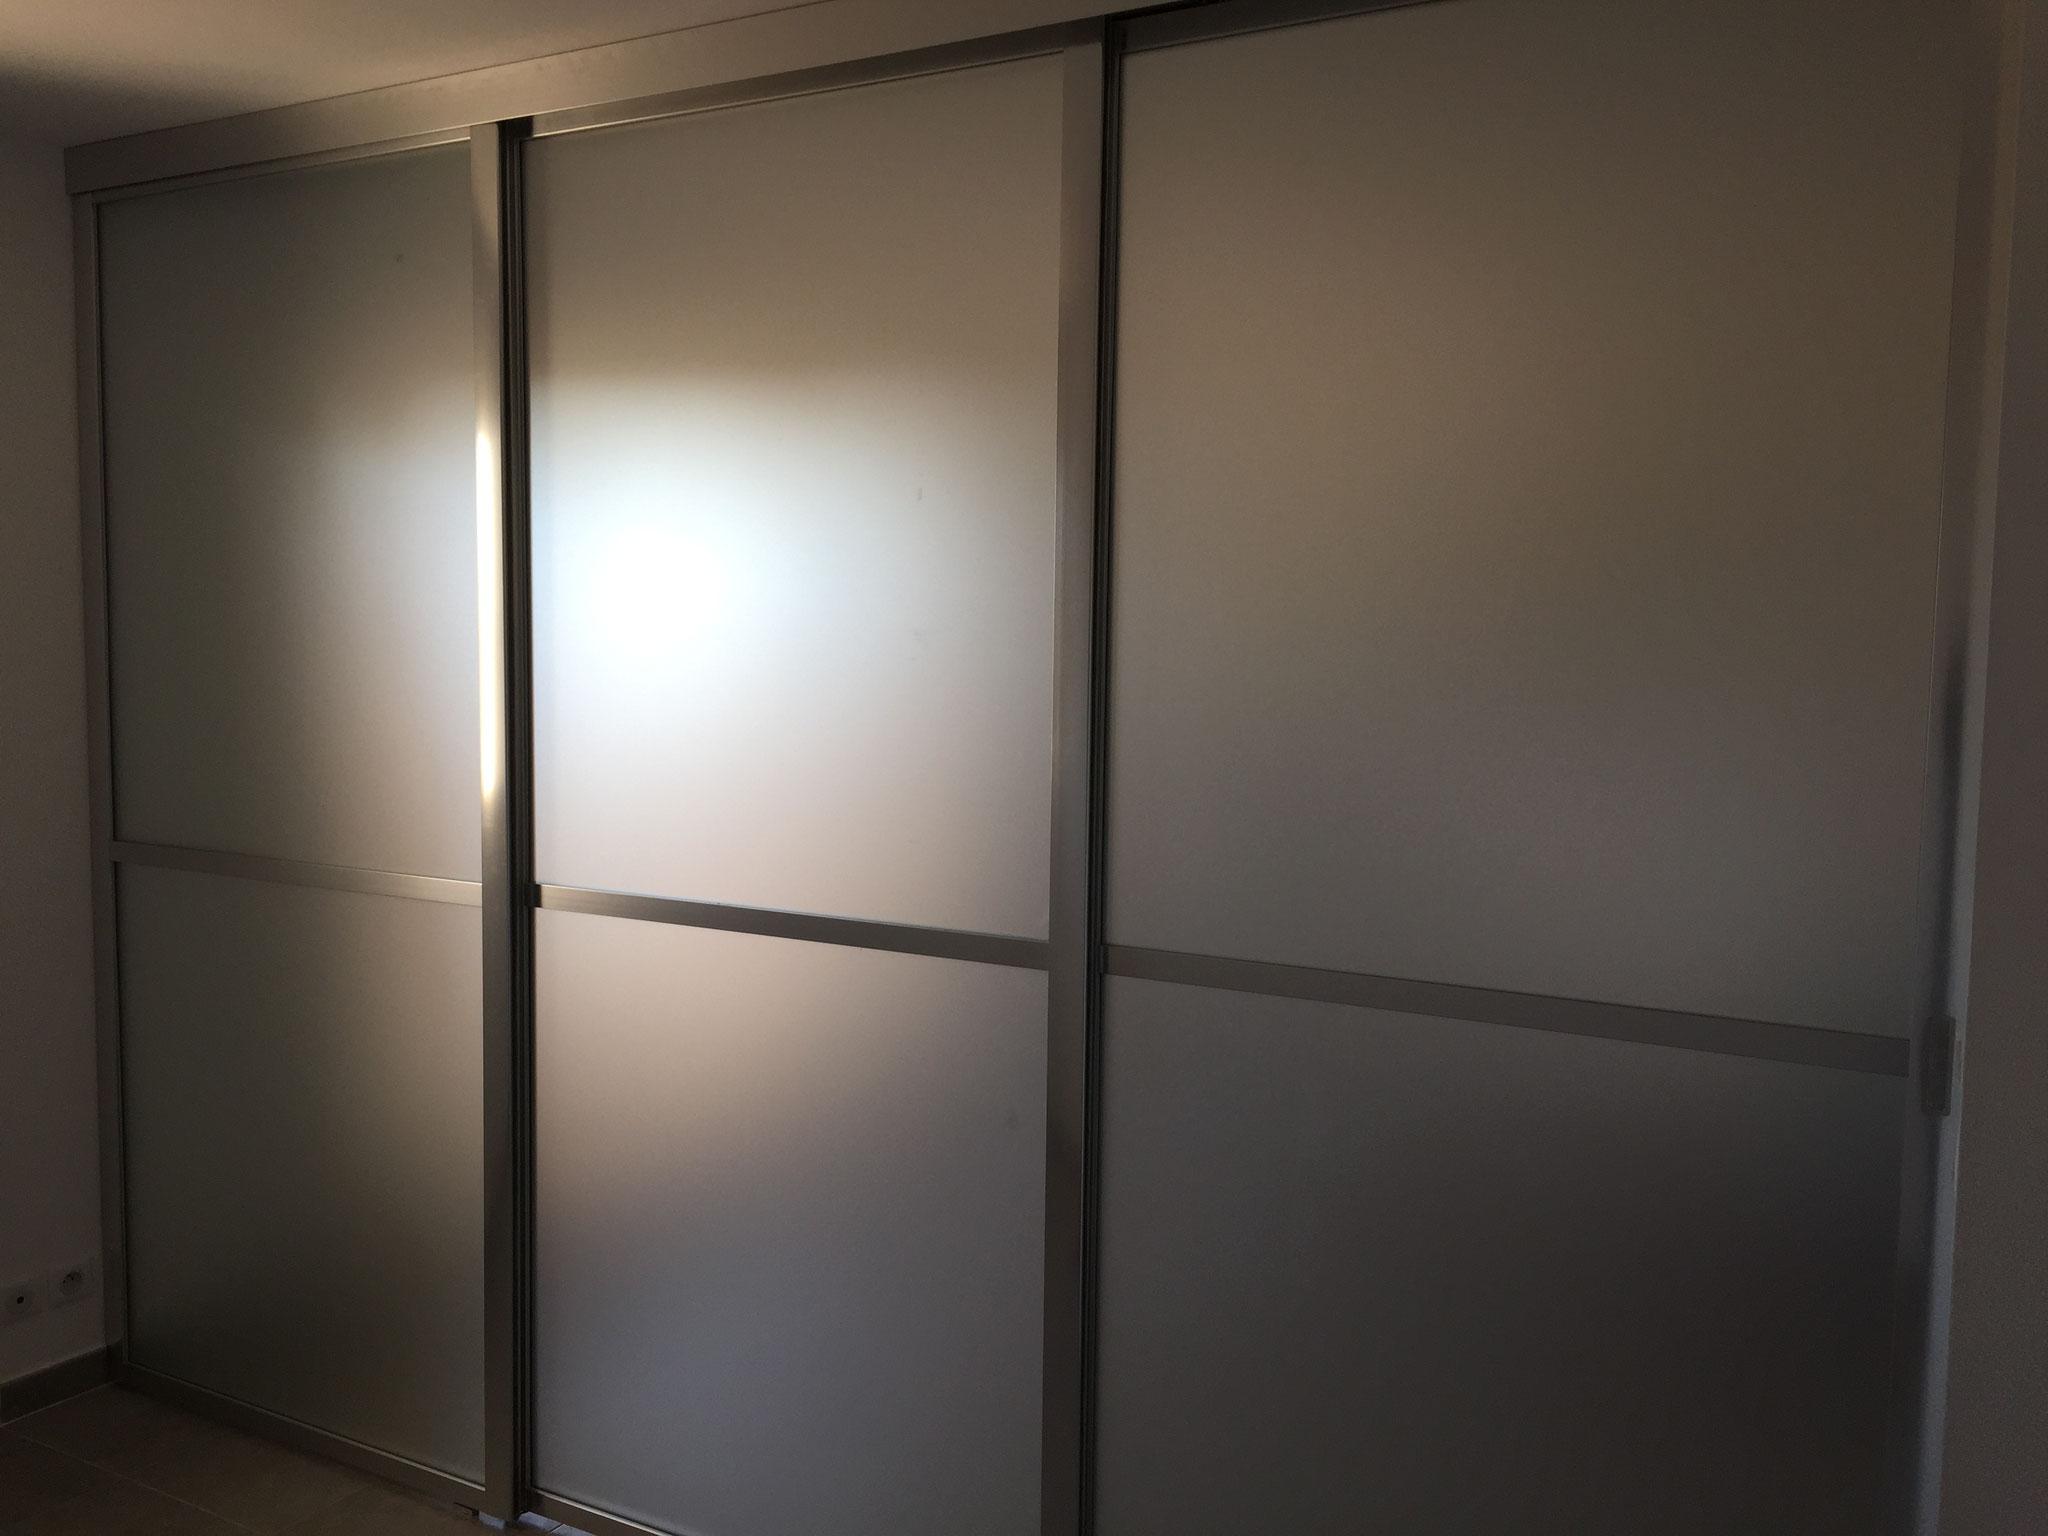 séparation de pièce vitrée